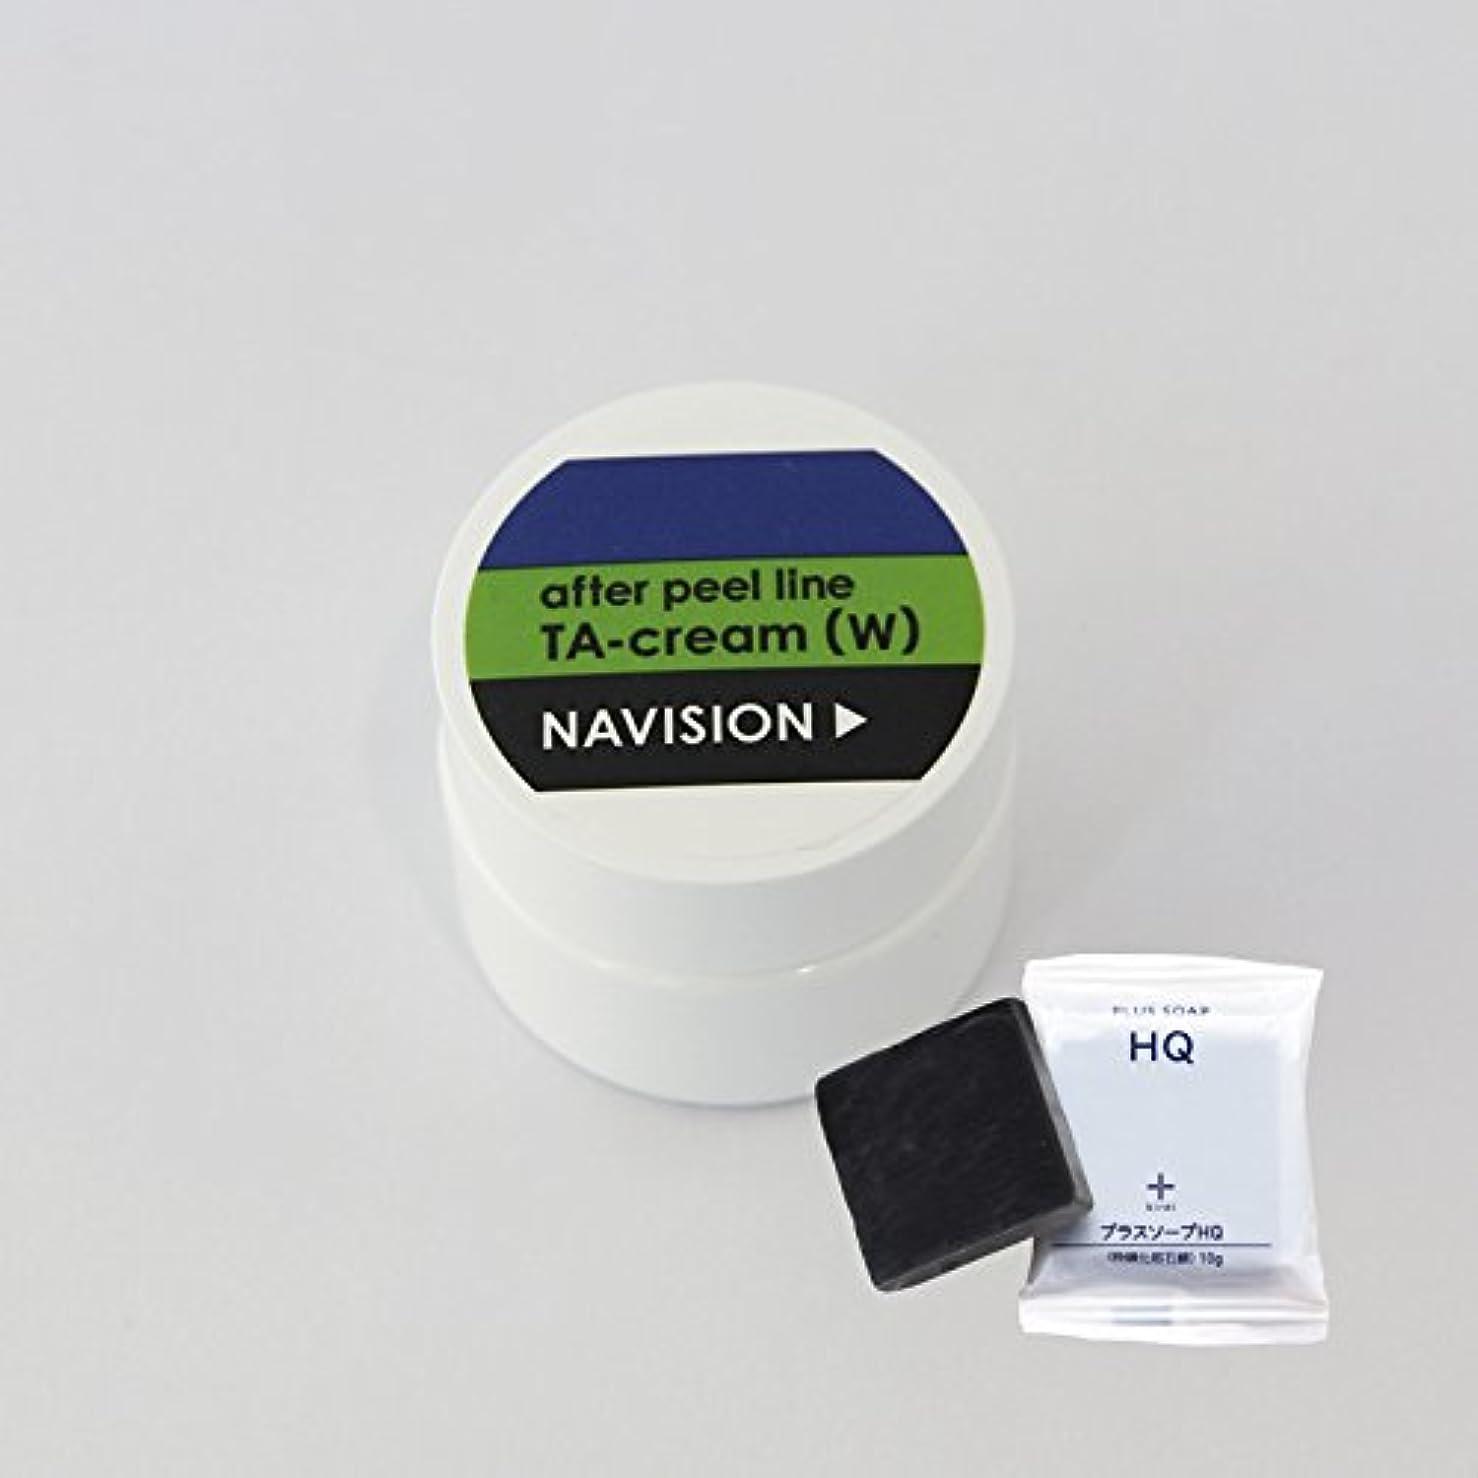 静かに赤器用ナビジョン NAVISION TAクリーム(W) 30g (医薬部外品) + プラスキレイ プラスソープHQミニ